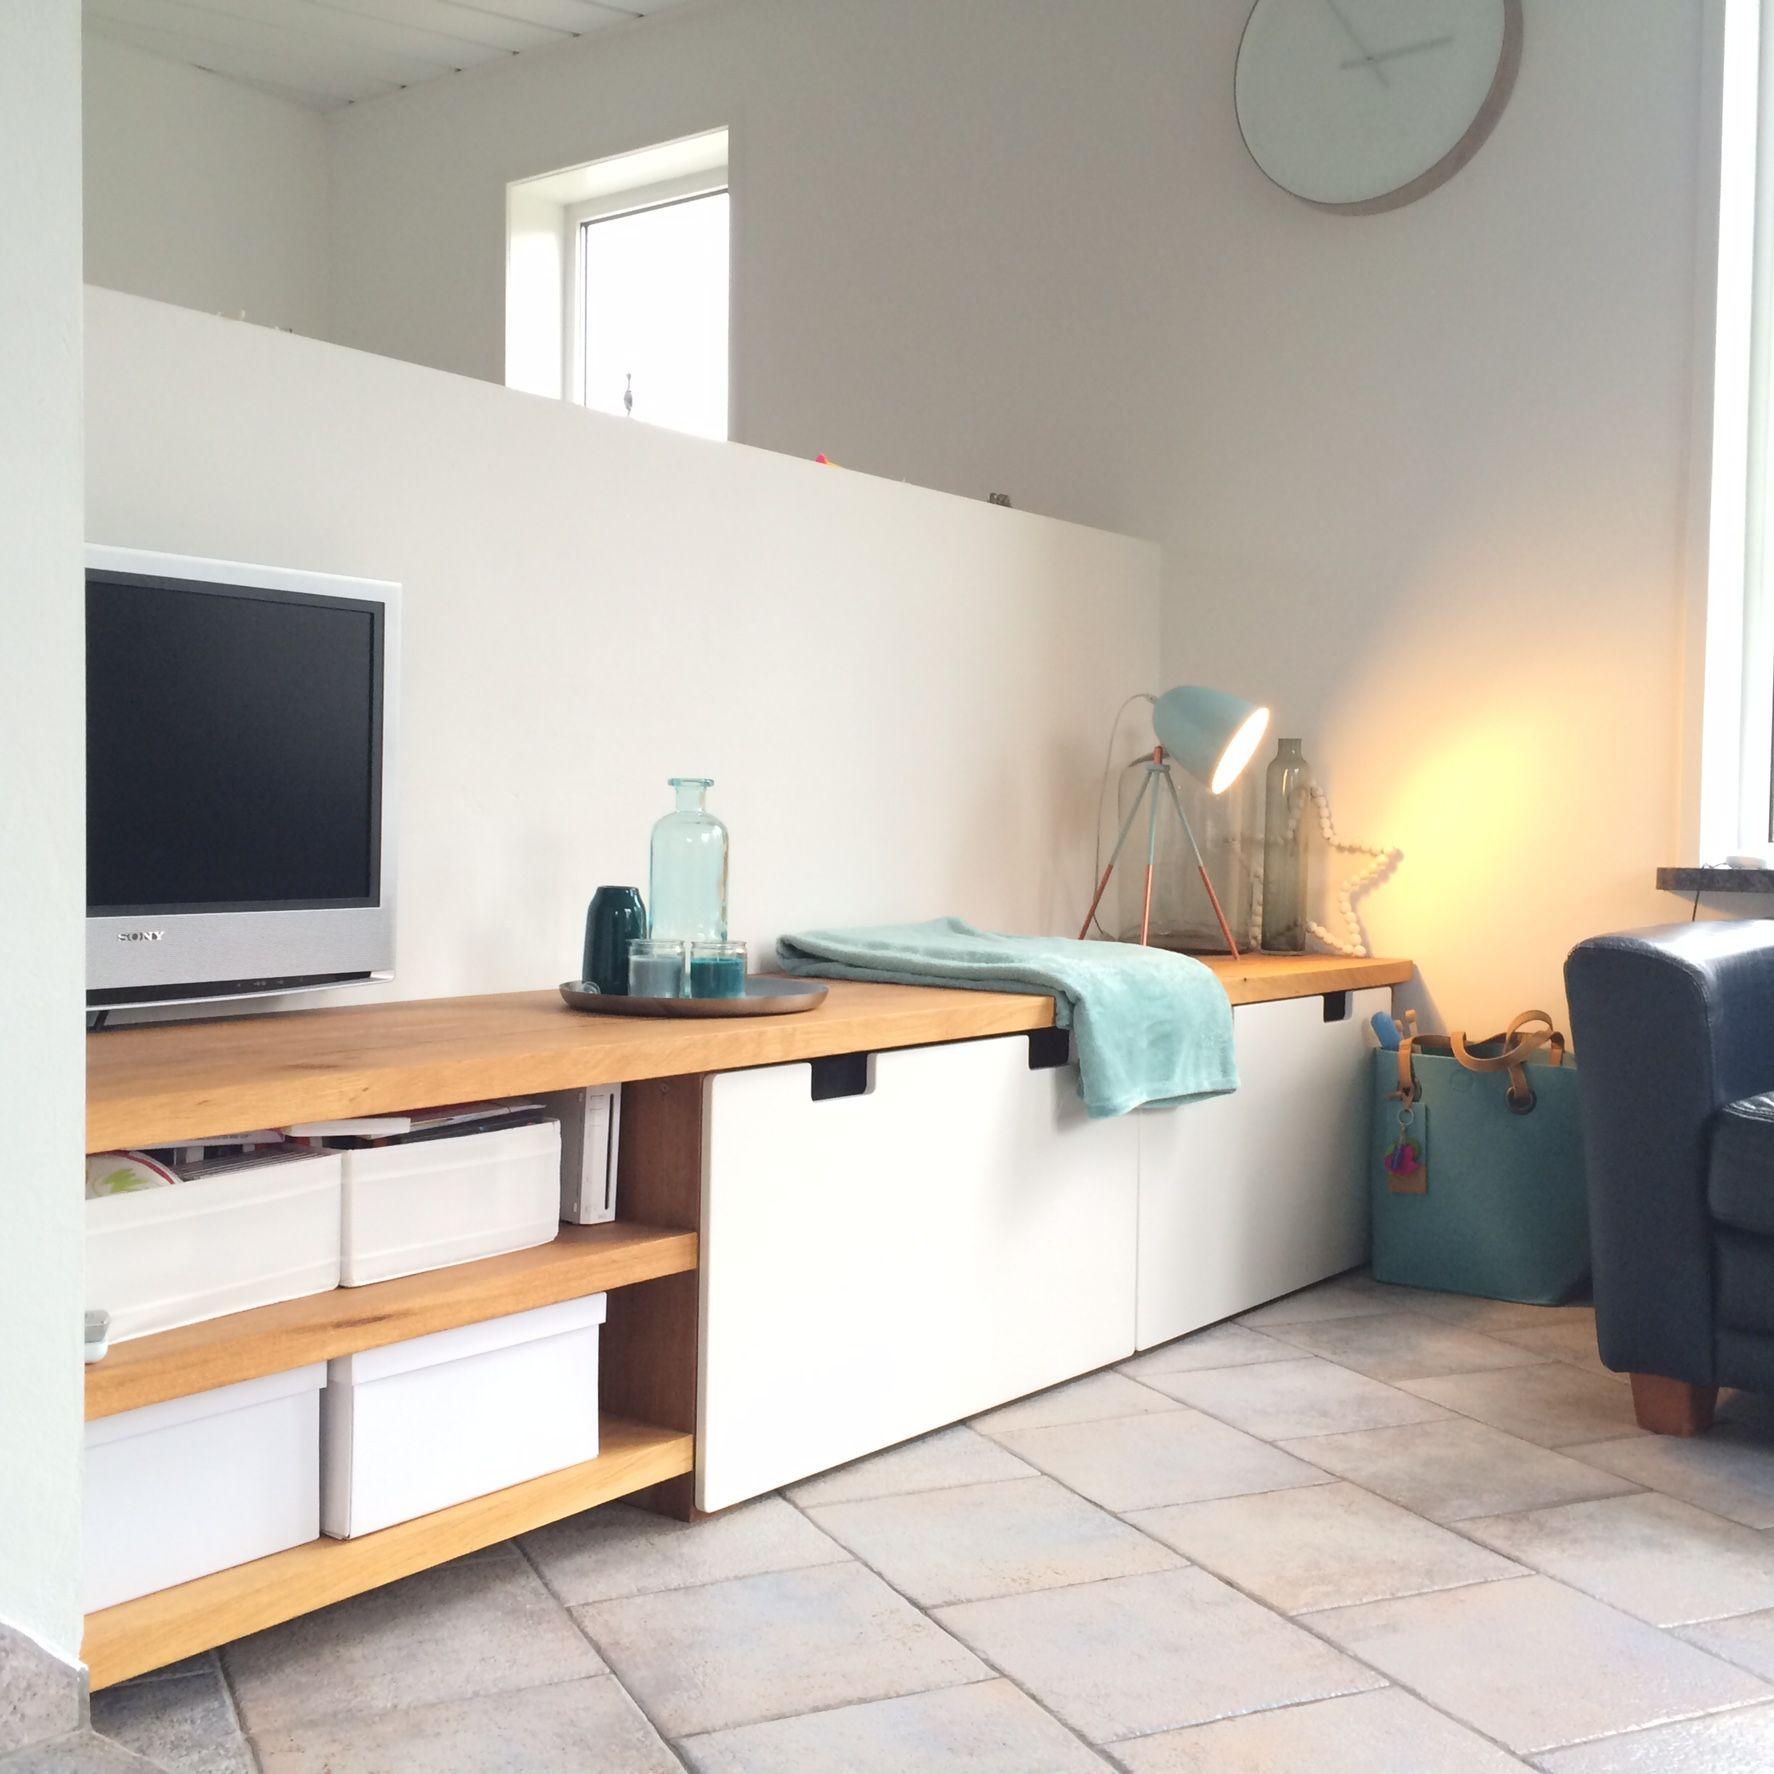 IKEA hack Tv meubel / tafel STUVA laden met eiken blad